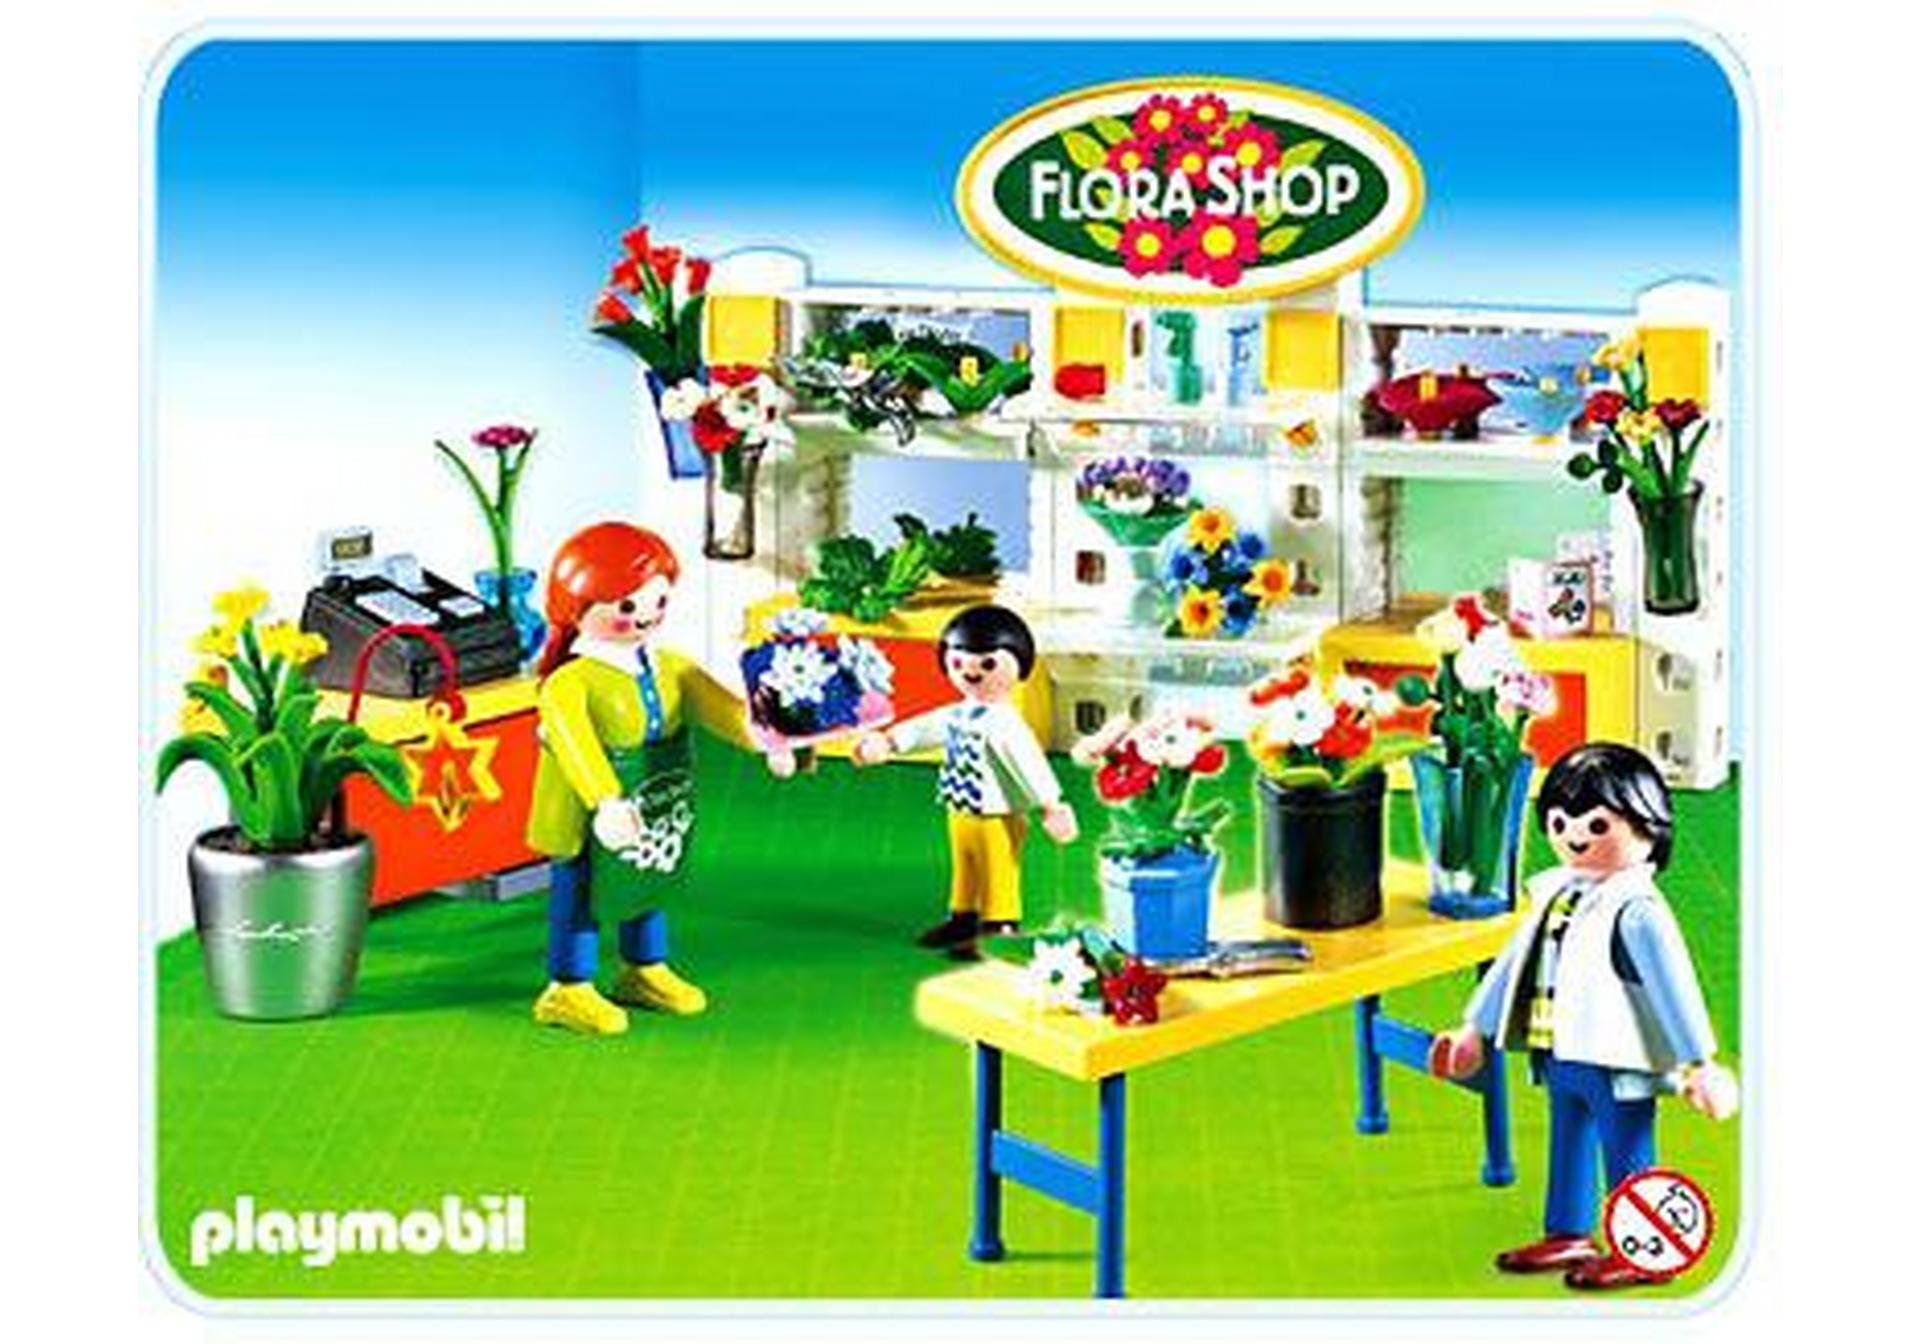 Blumengesch ft 4484 a playmobil deutschland for Jugendzimmer playmobil